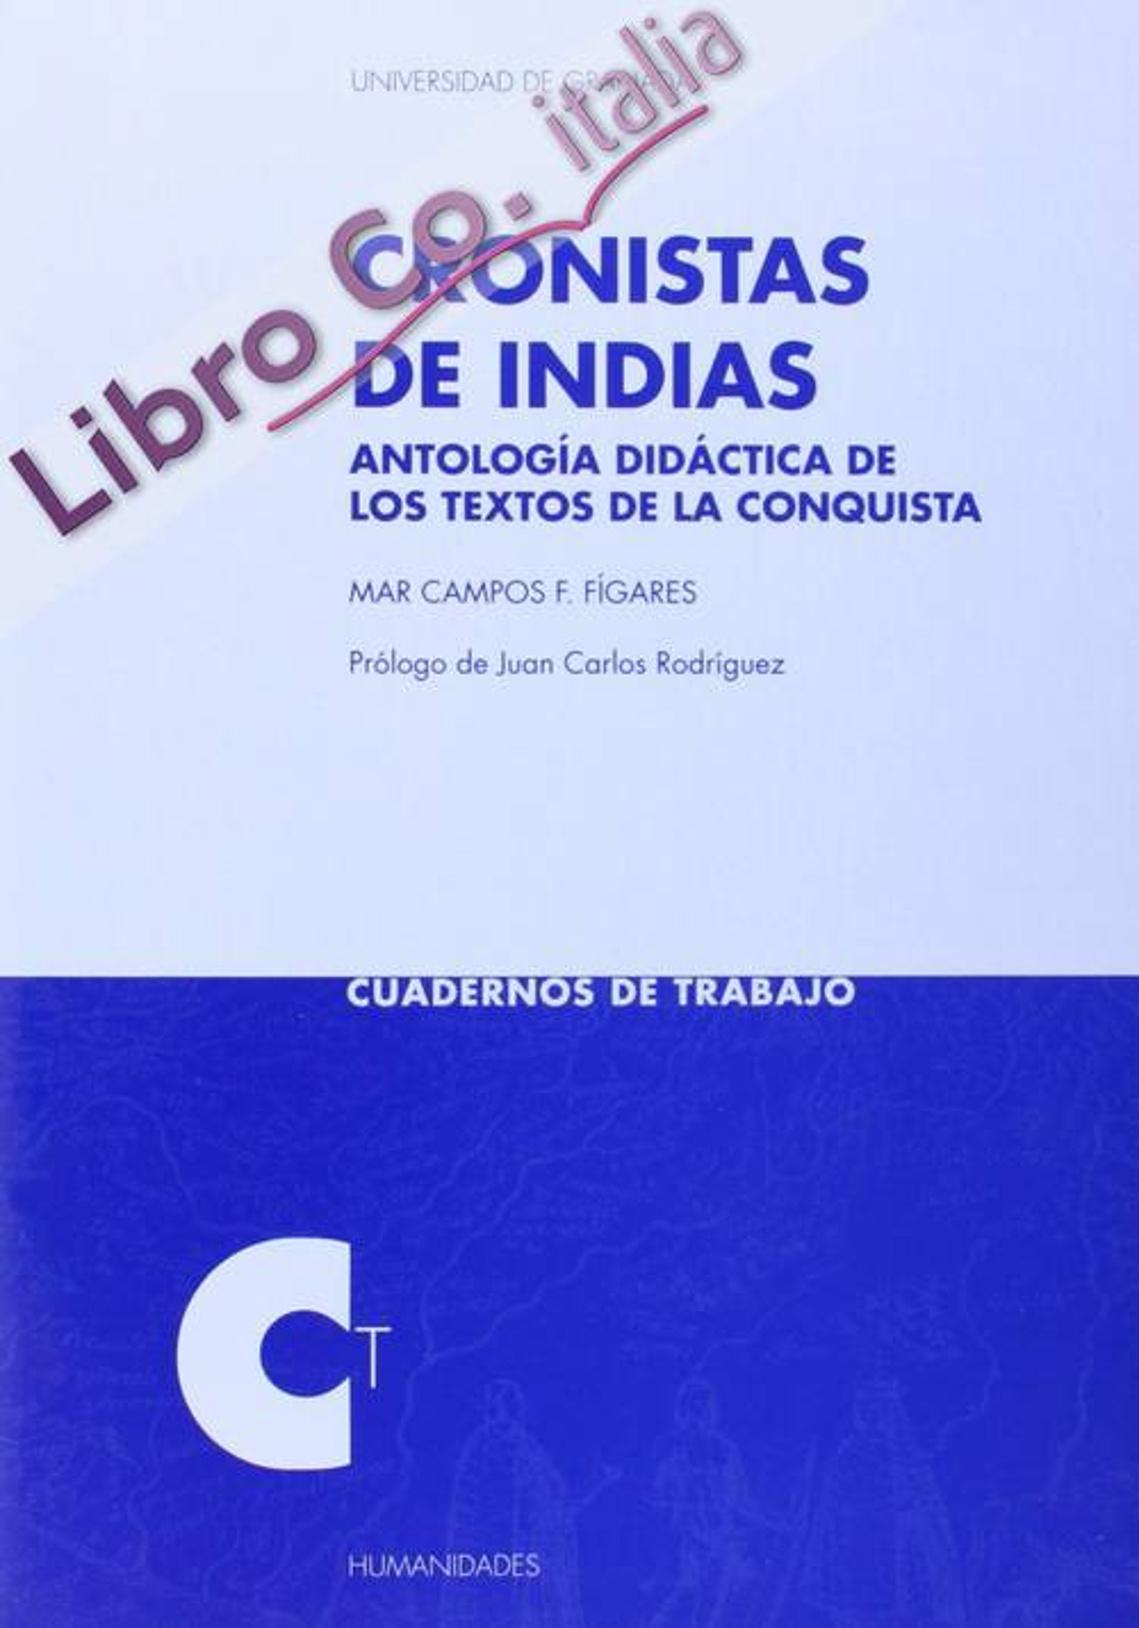 Cronistas de indias. antologia didactica de los textos de la conquista